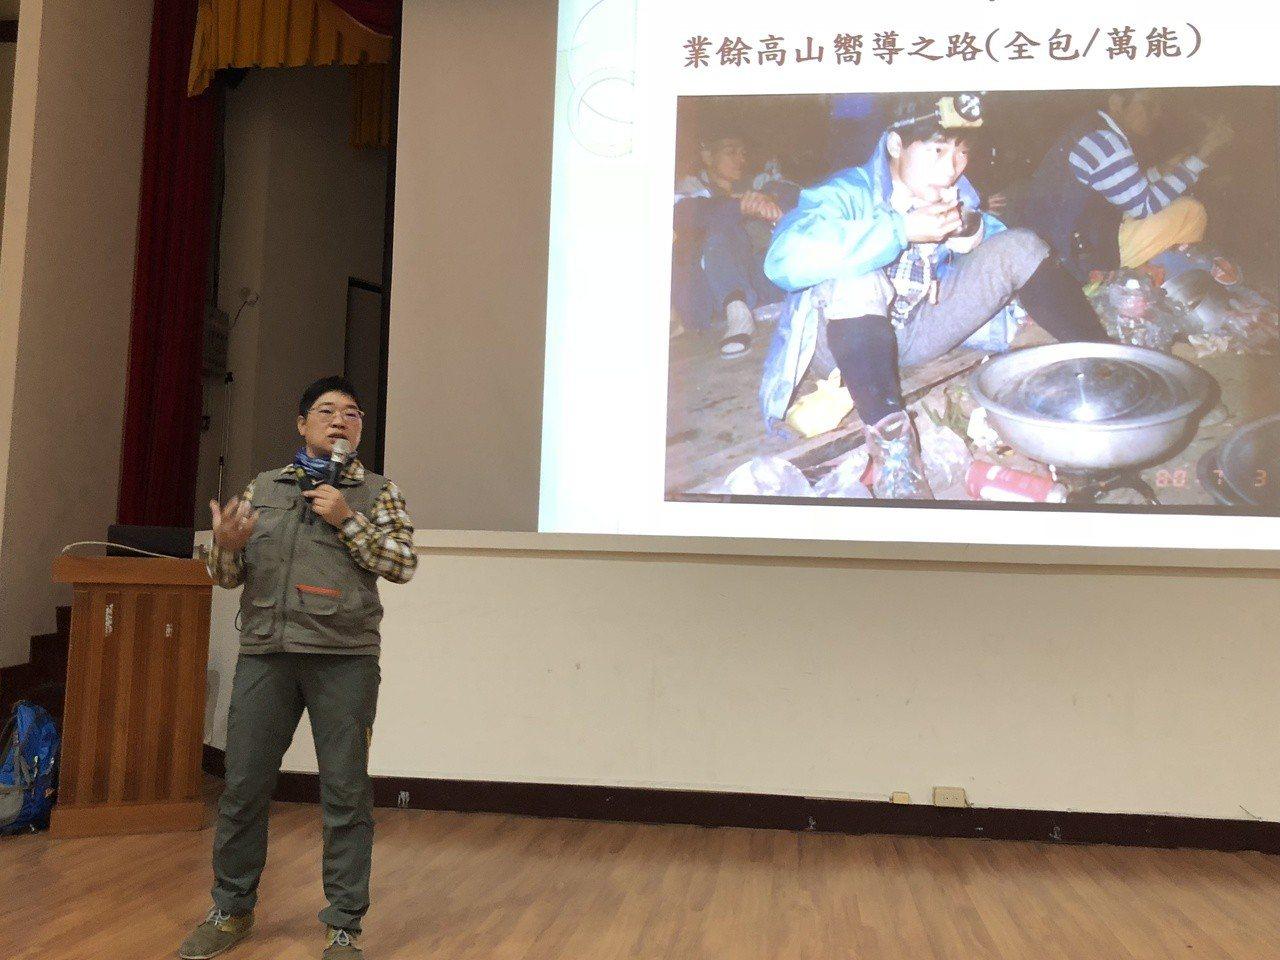 台灣登山常傳出爭議,完登世界七頂峰的江秀真希望推廣登山教育,讓民眾有正確的登山觀...